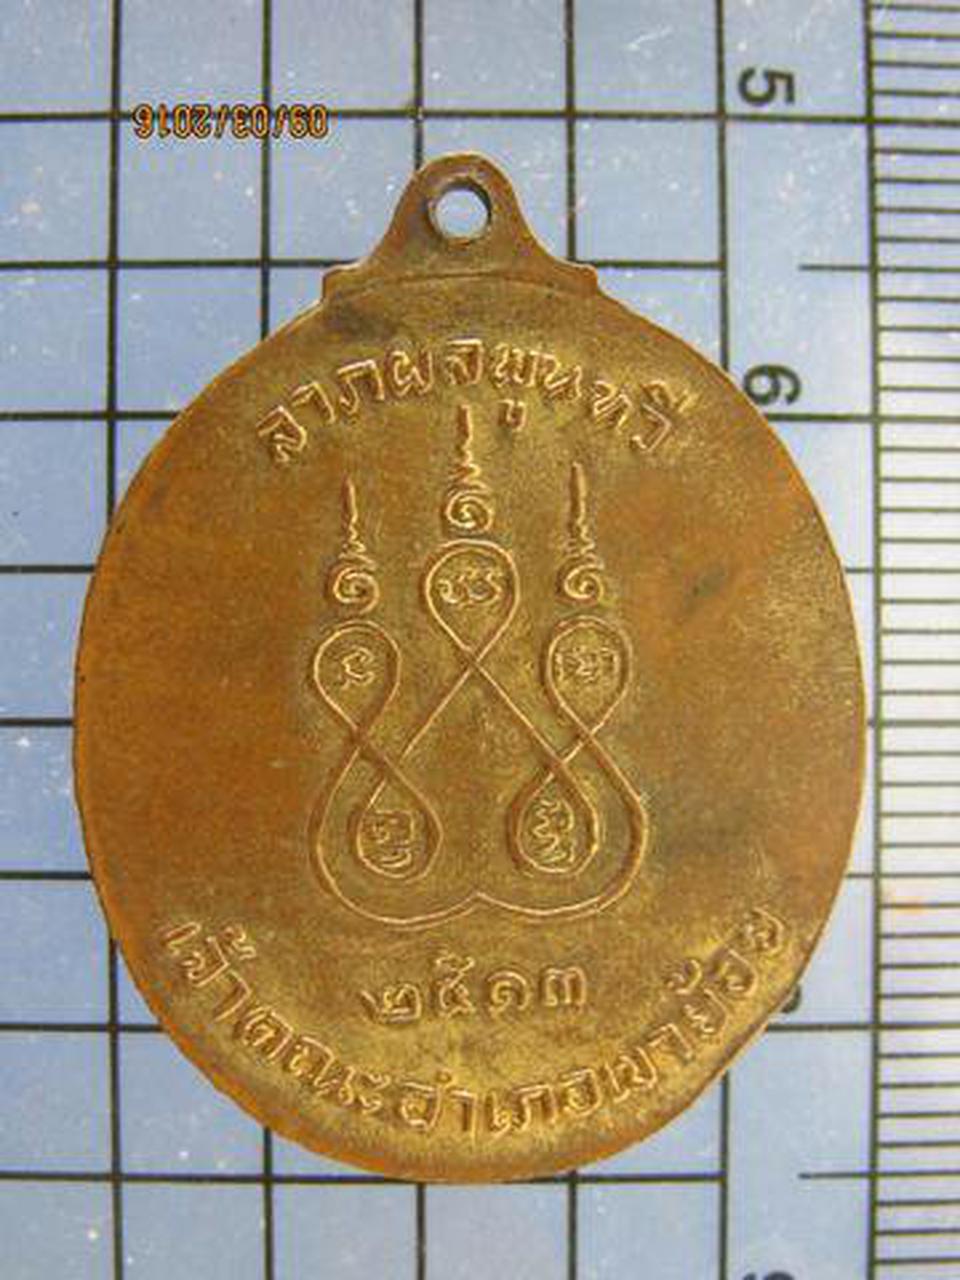 3207 เหรียญพระครูสุชาต เมธาจารย์(หน) วัดกุฏิบางเค็ม ปี2513 จ รูปที่ 1